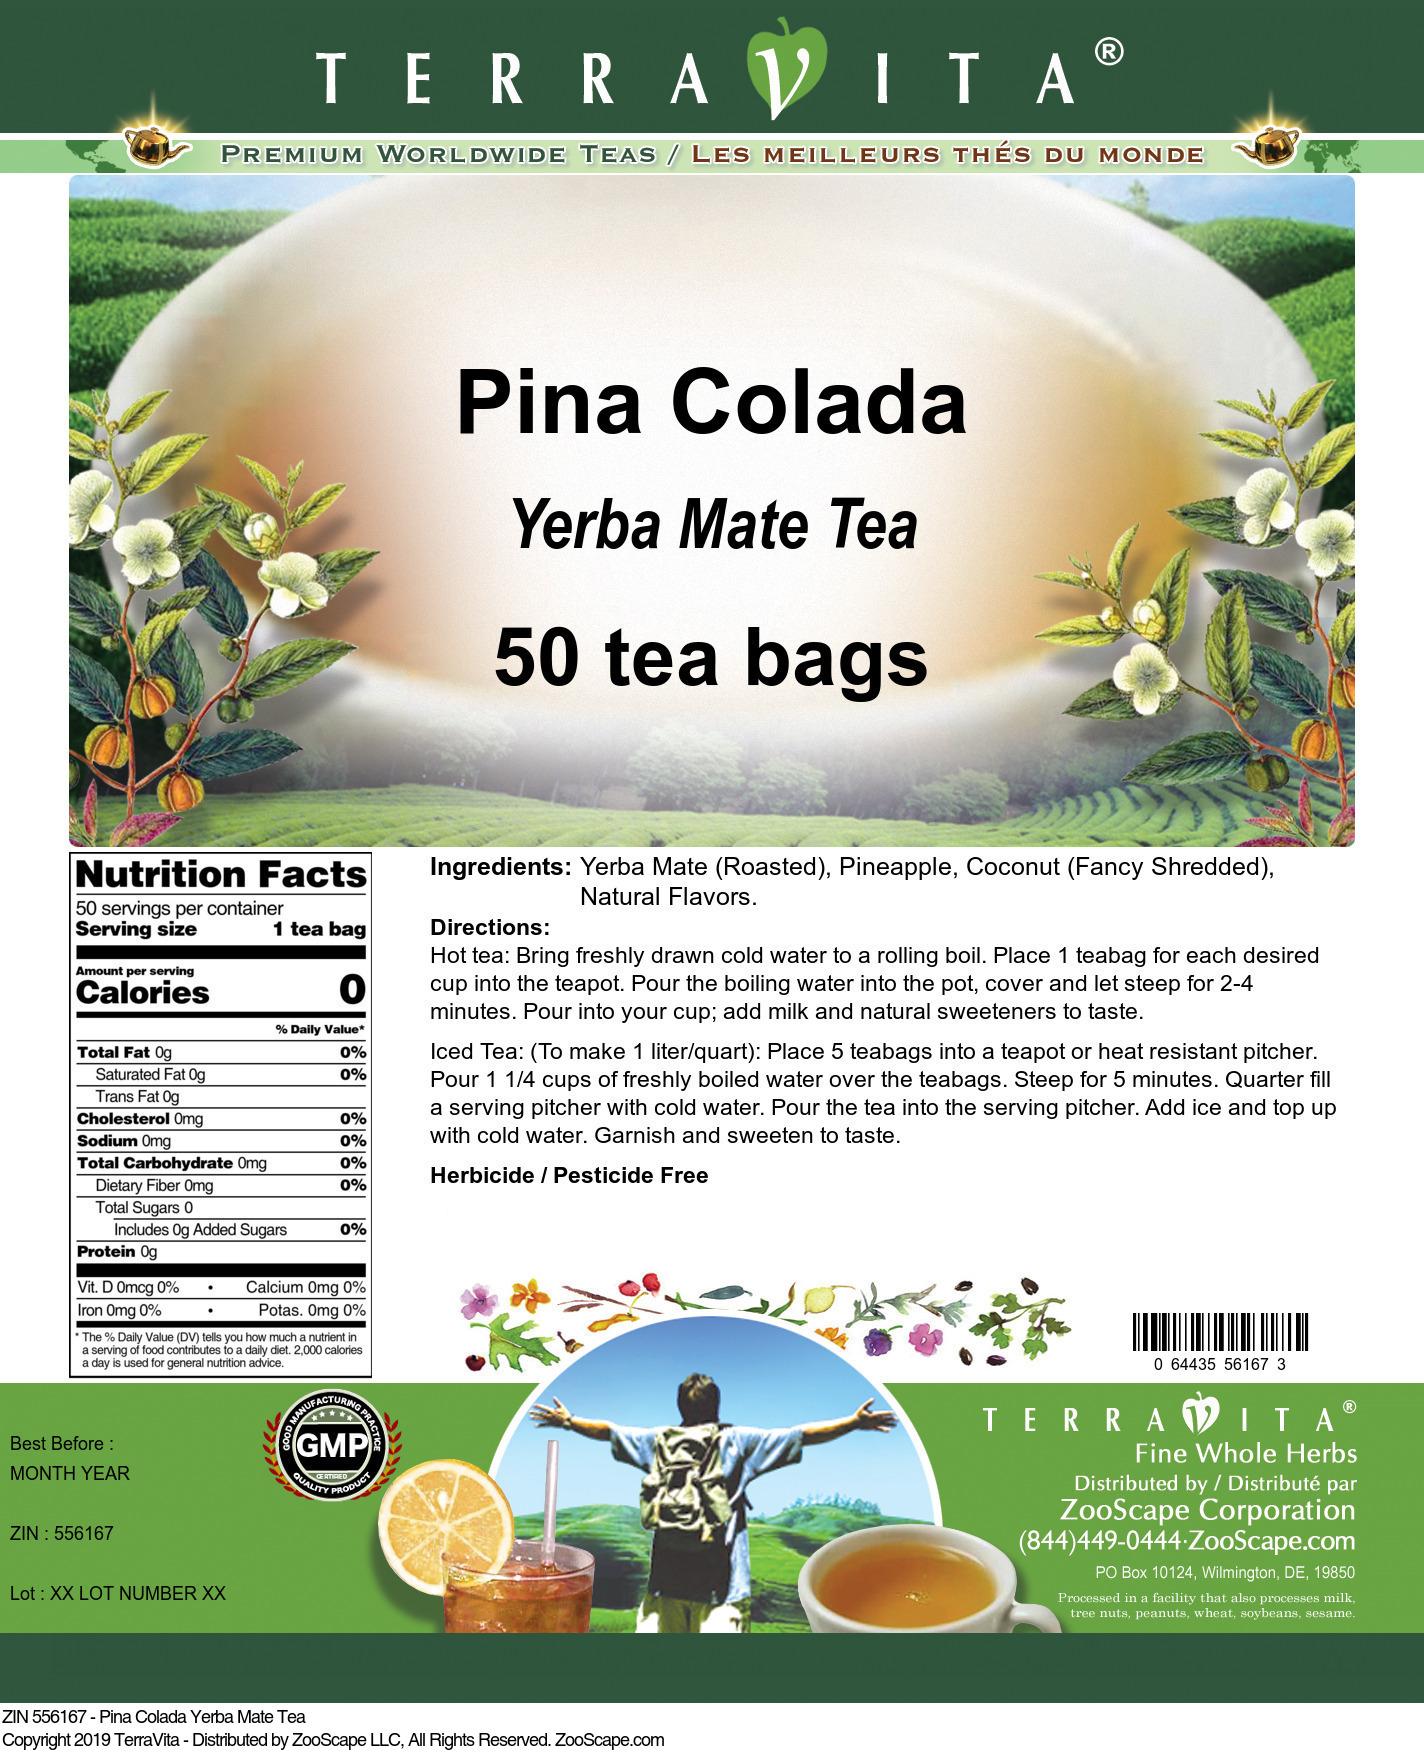 Pina Colada Yerba Mate Tea